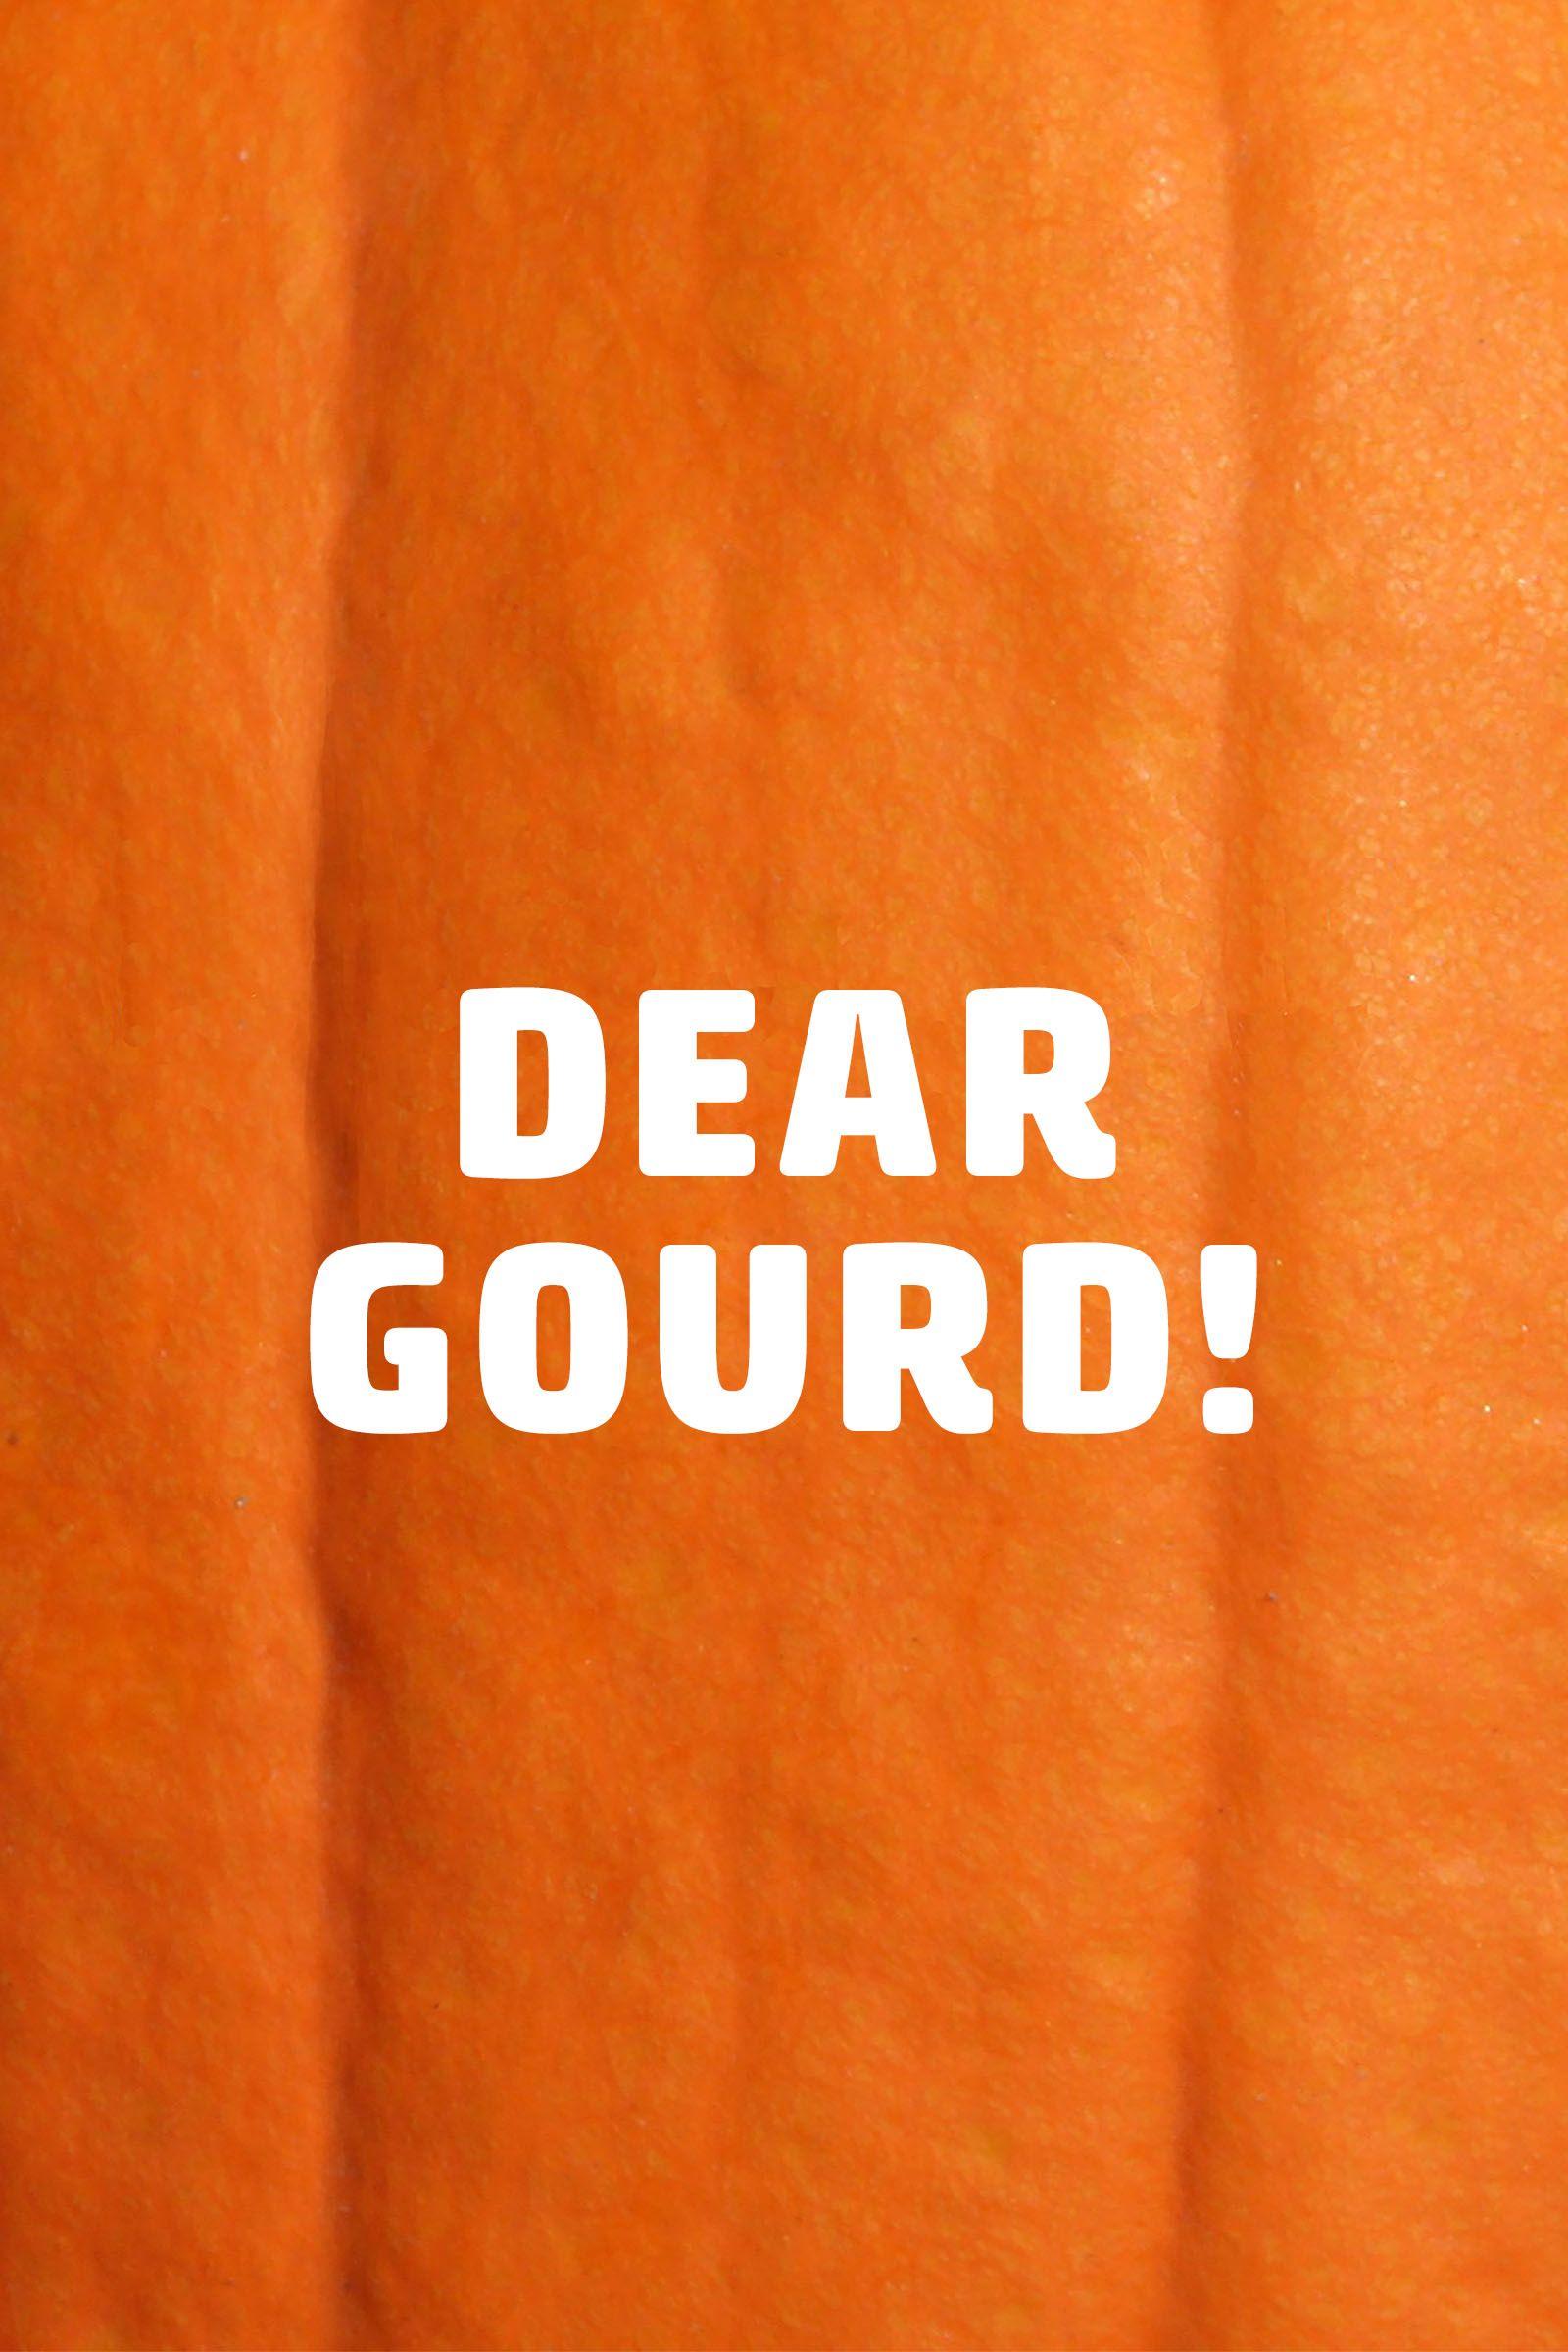 pumpkin puns dear gourd